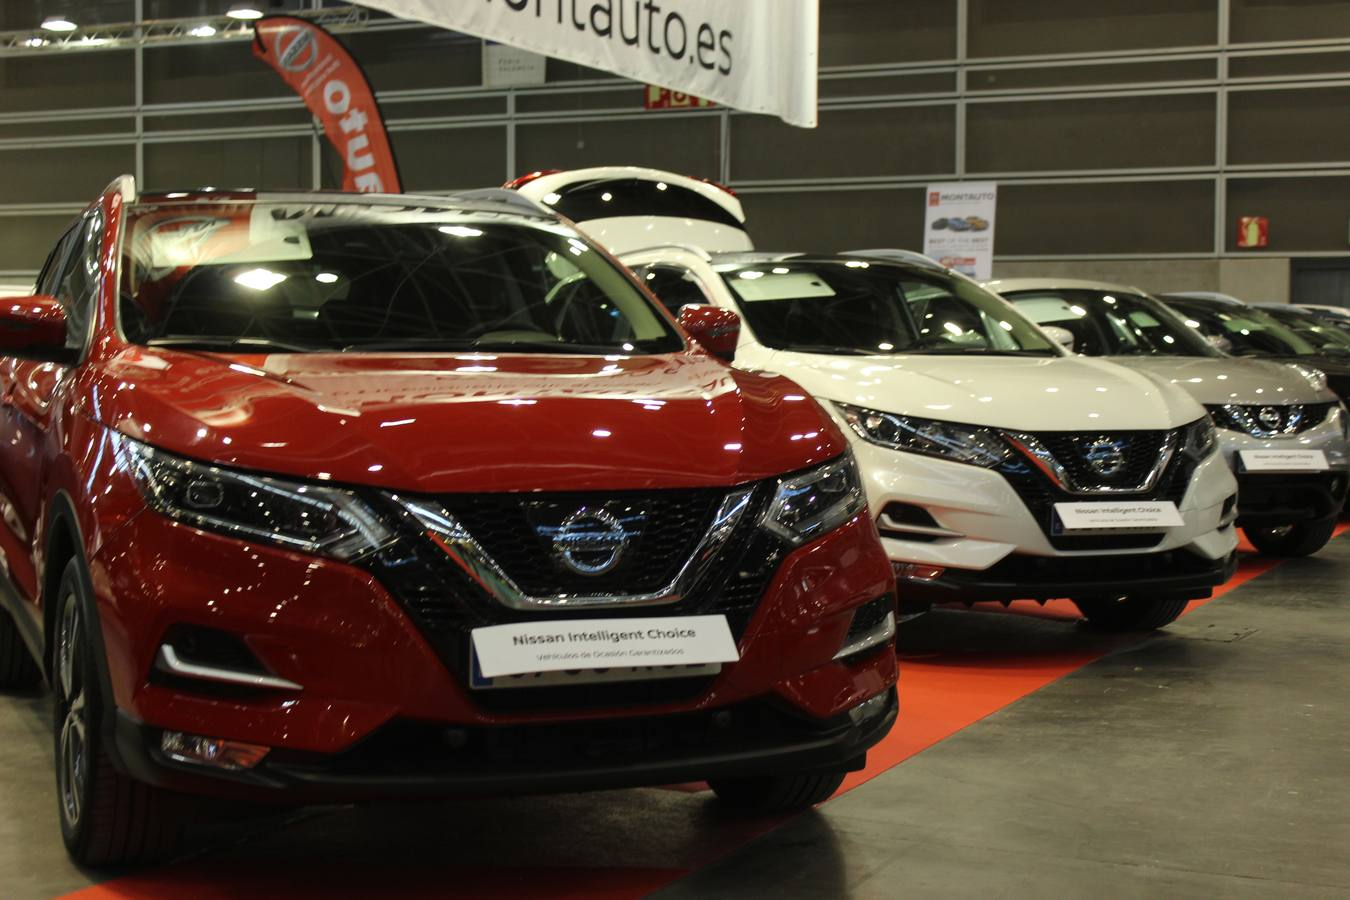 Feria de Vehículos de Ocasión: 1.500 coches a buen precio en Valencia